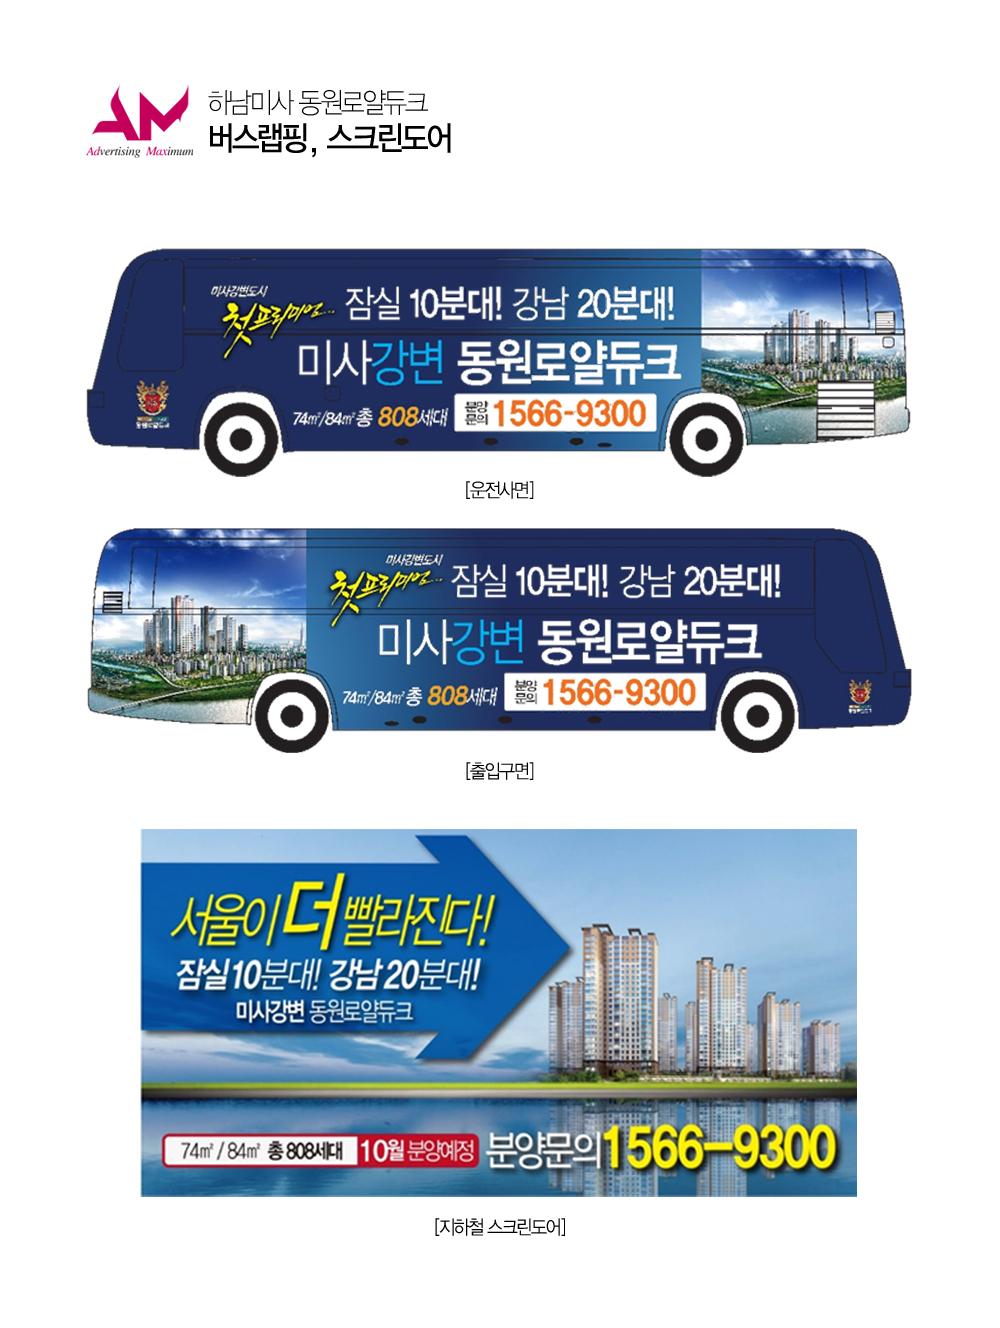 회사포폴_하남미사동원로얄듀크